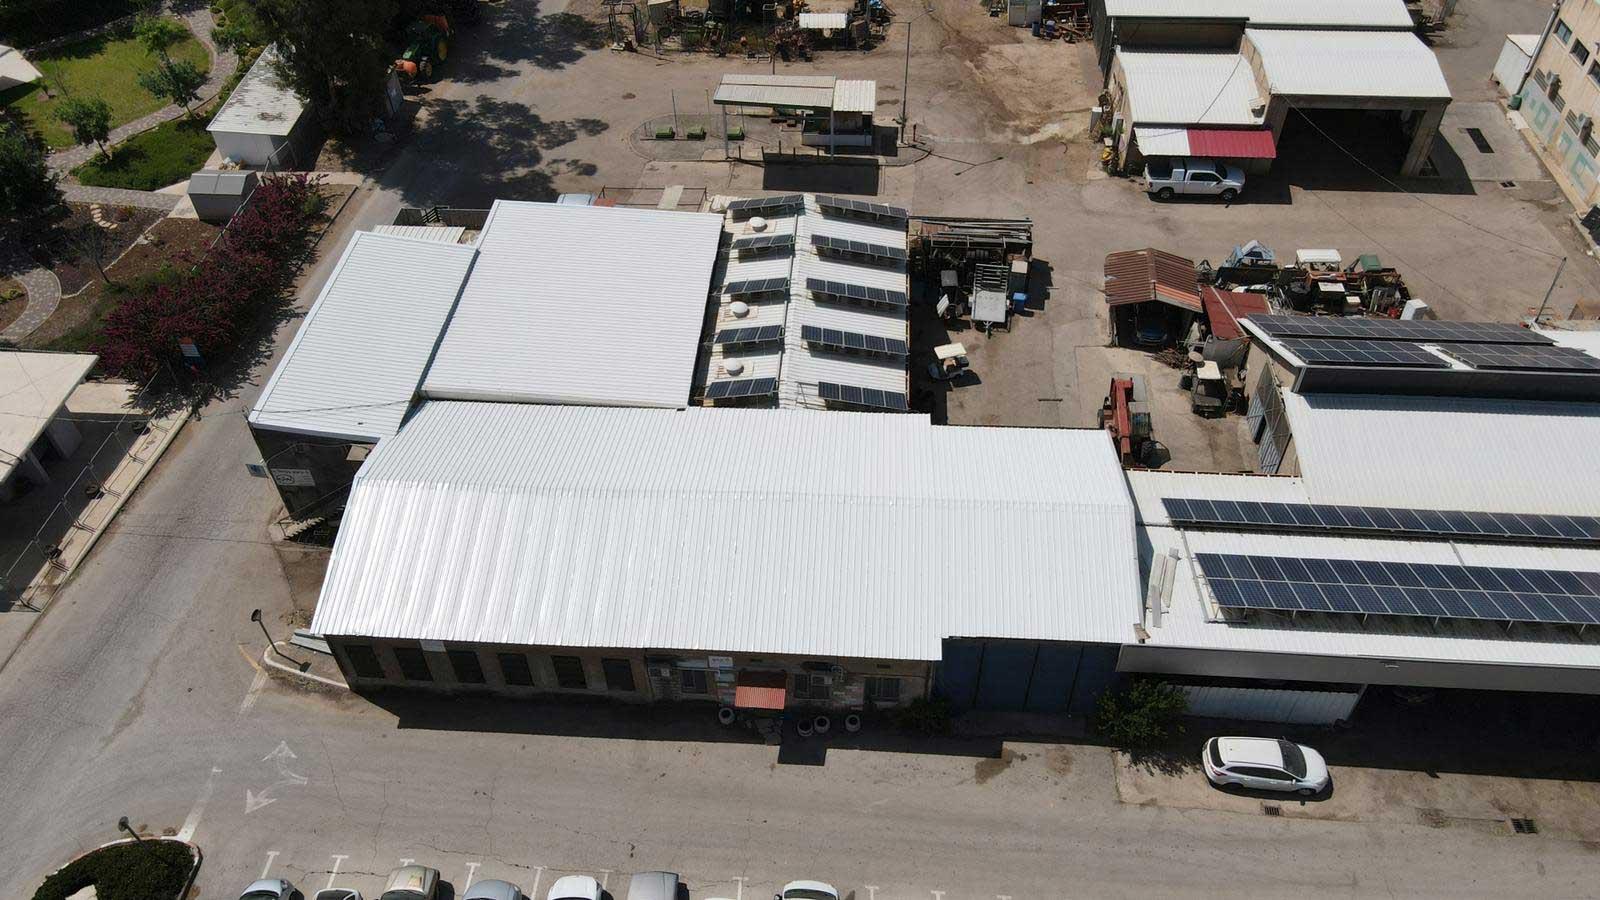 קיבוץ מזרע מפעל אלקטרה החלפת גג אסבסט לפאנל מבודד צמר סלעים 4000 מר